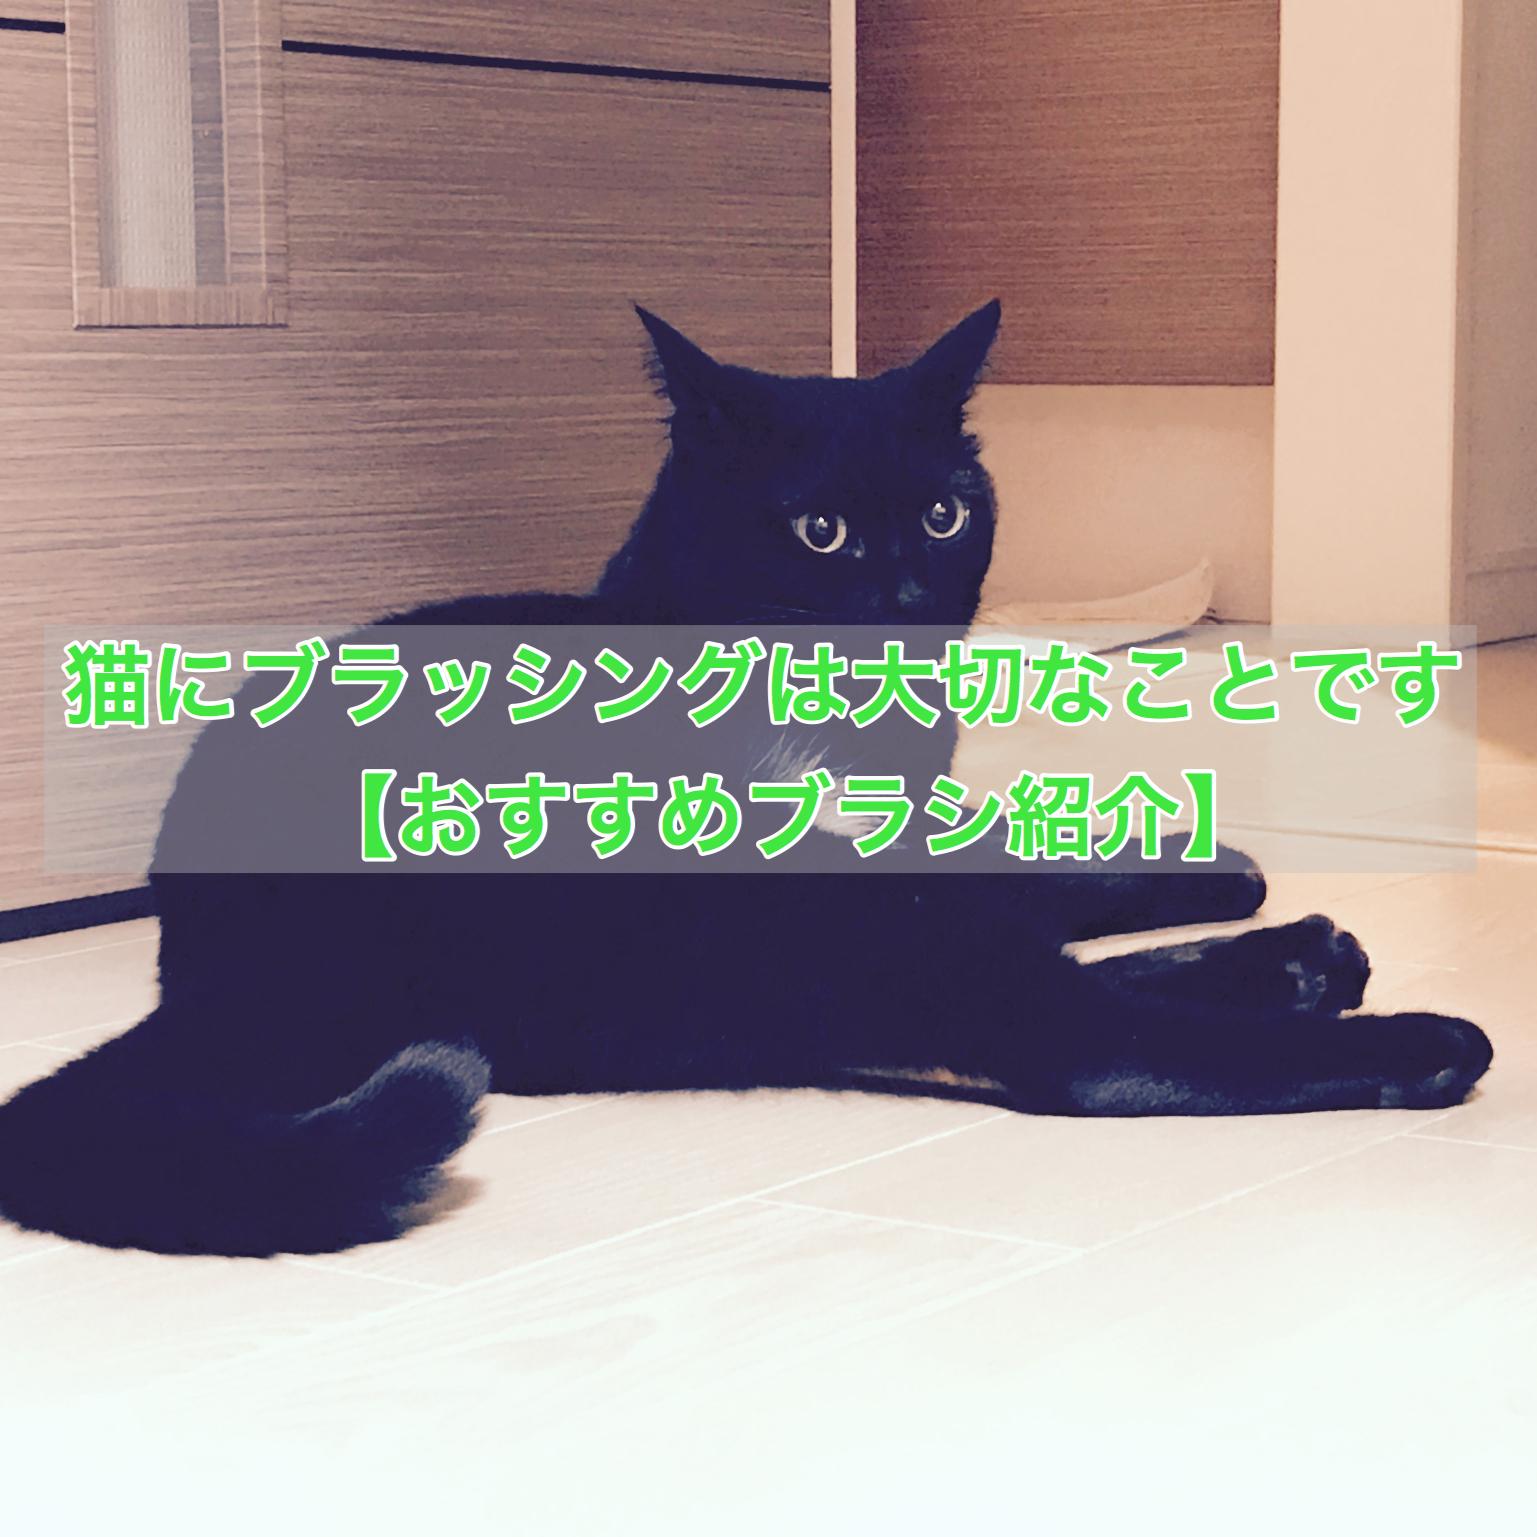 猫にブラッシングは大切なことです【おすすめブラシ紹介】